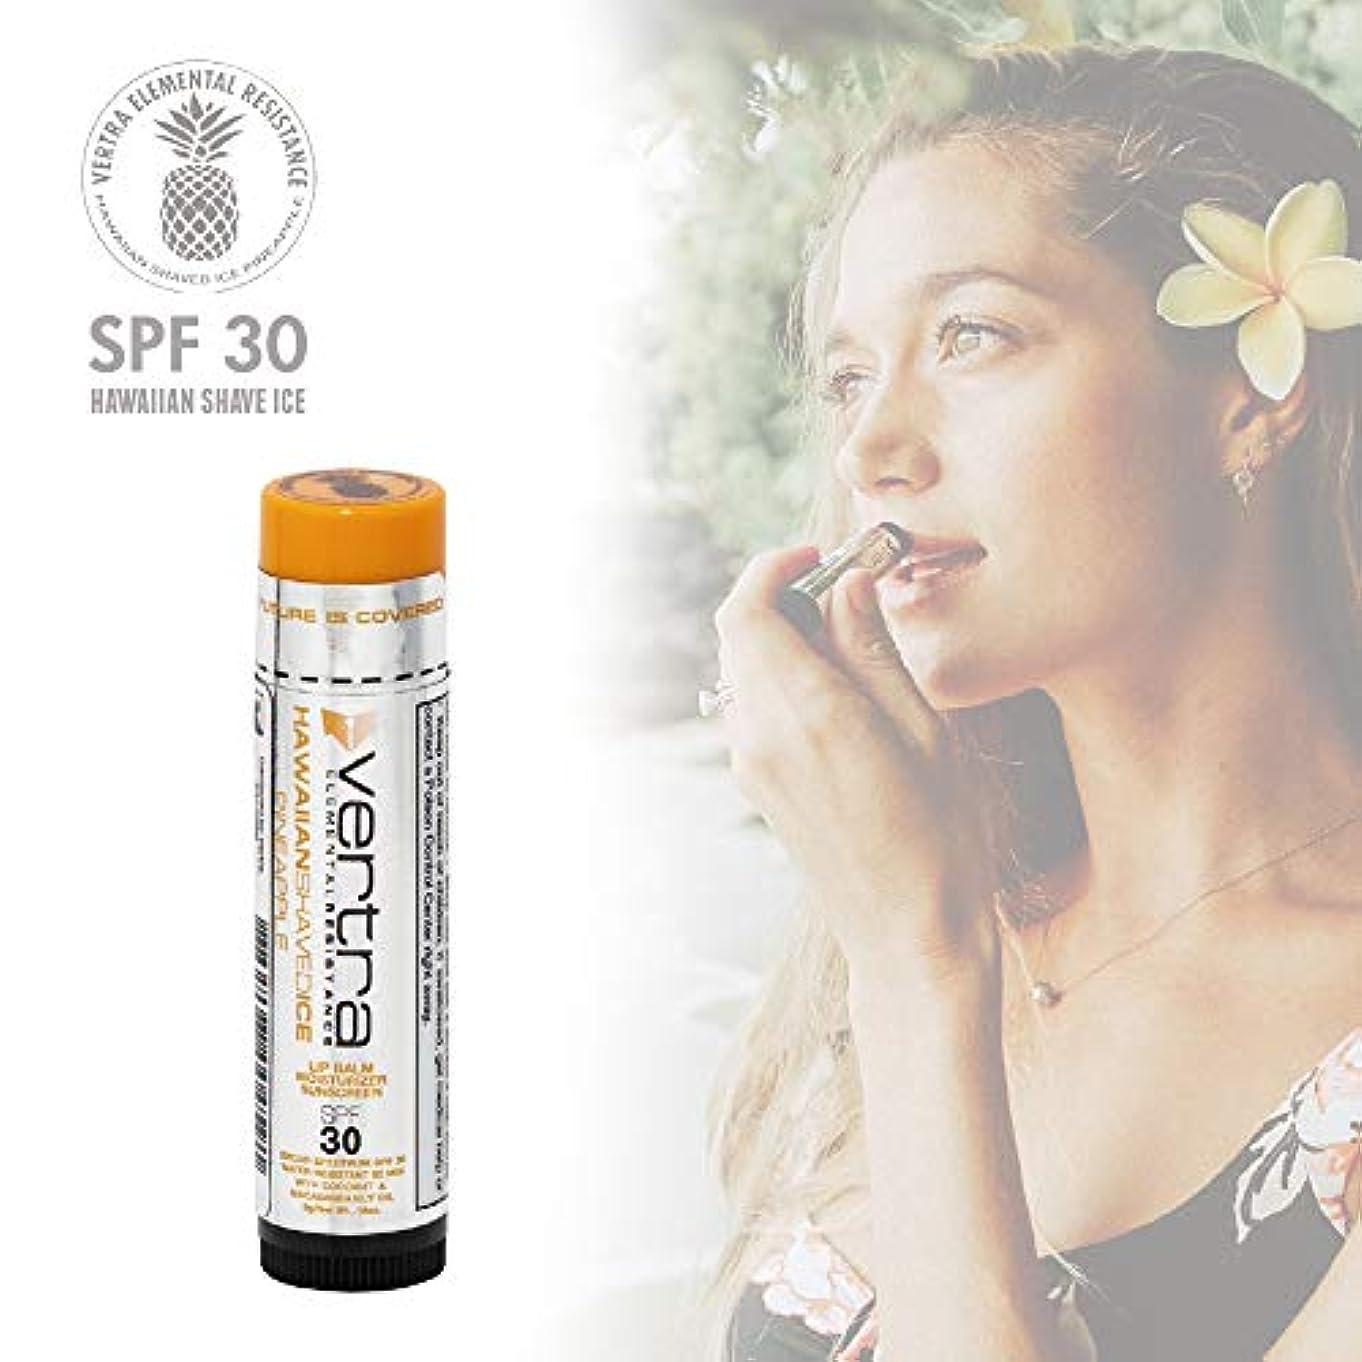 エッセイ思い出させる無能VERTRA (バートラ) リップ 日焼け止め Lip Balm hawaiian shaved ice pineapple SPF30 PA+++